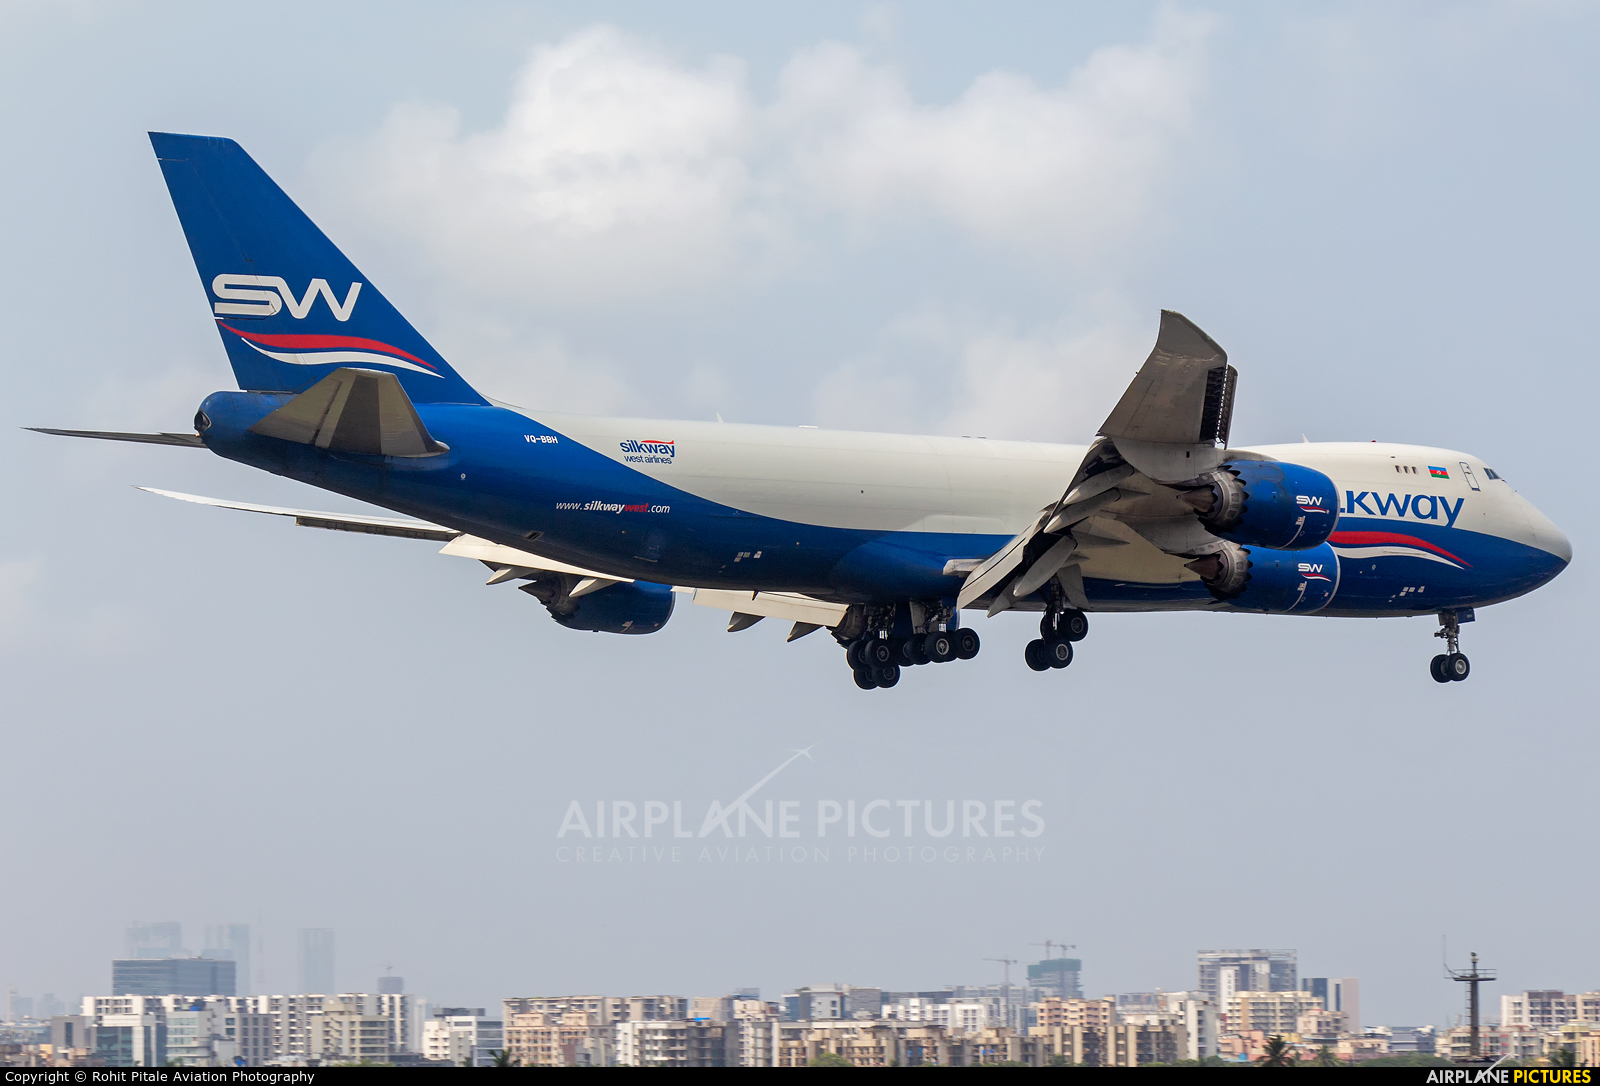 Silk Way Airlines VQ-BBH aircraft at Mumbai - Chhatrapati Shivaji Intl